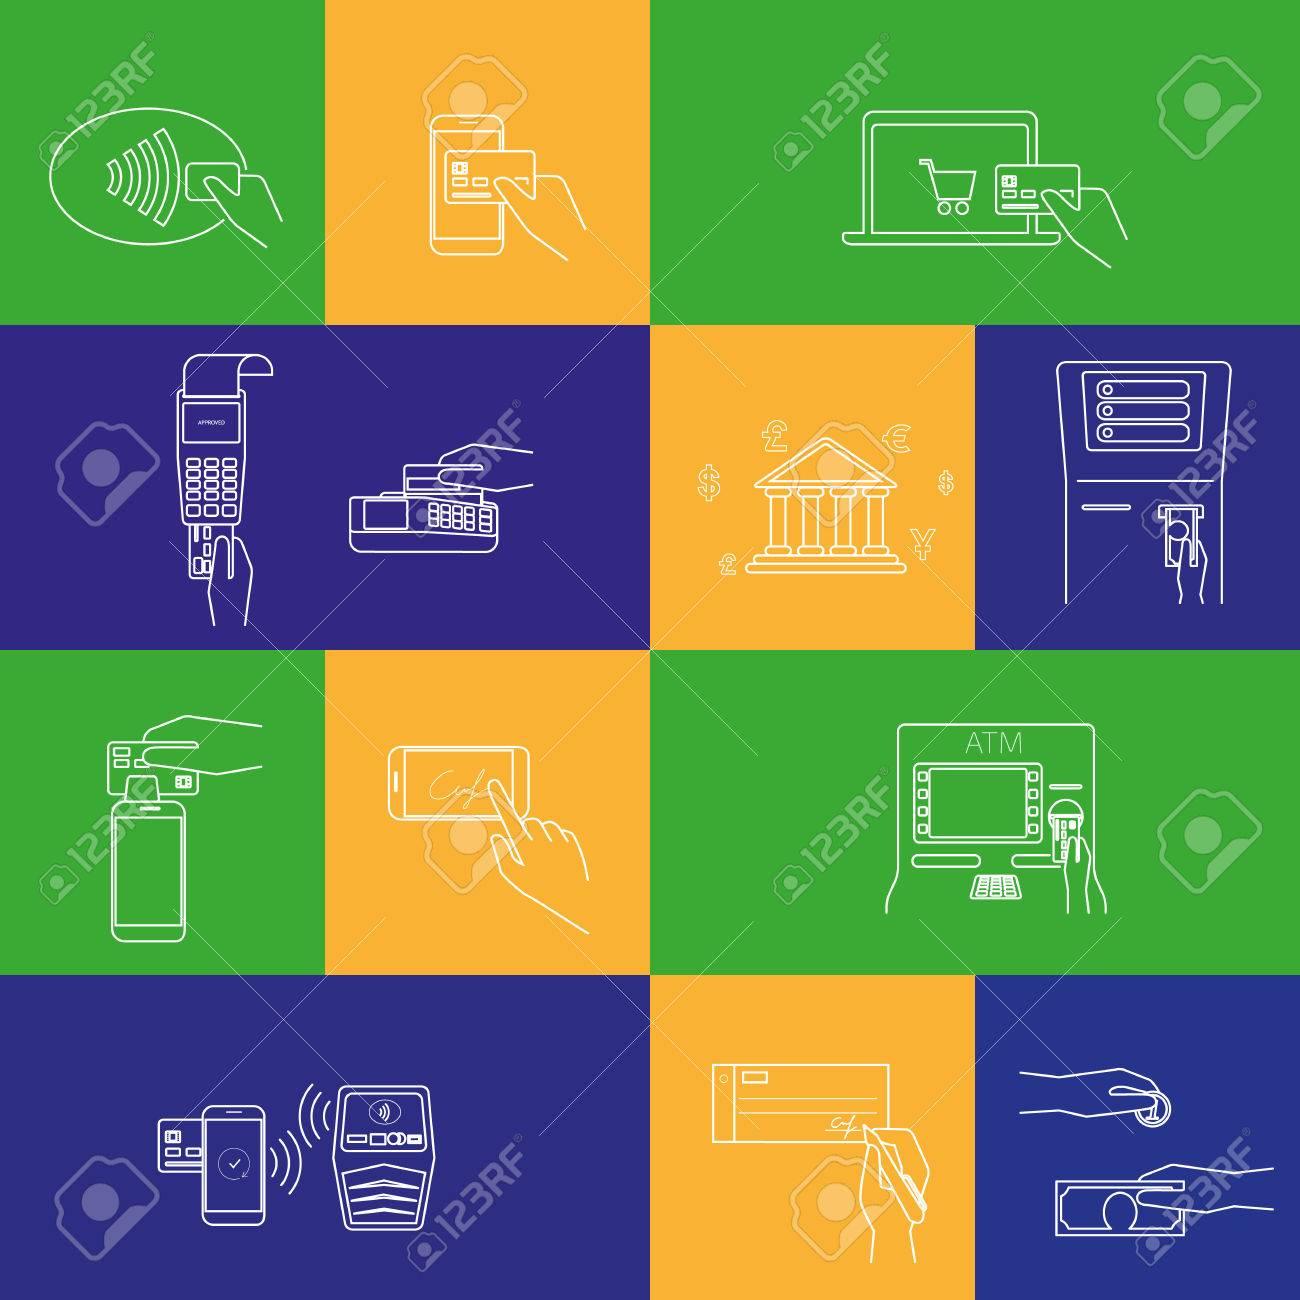 82f4c0f7fe05 Contorno concepto ilustraciones vectoriales conjunto de métodos de pago